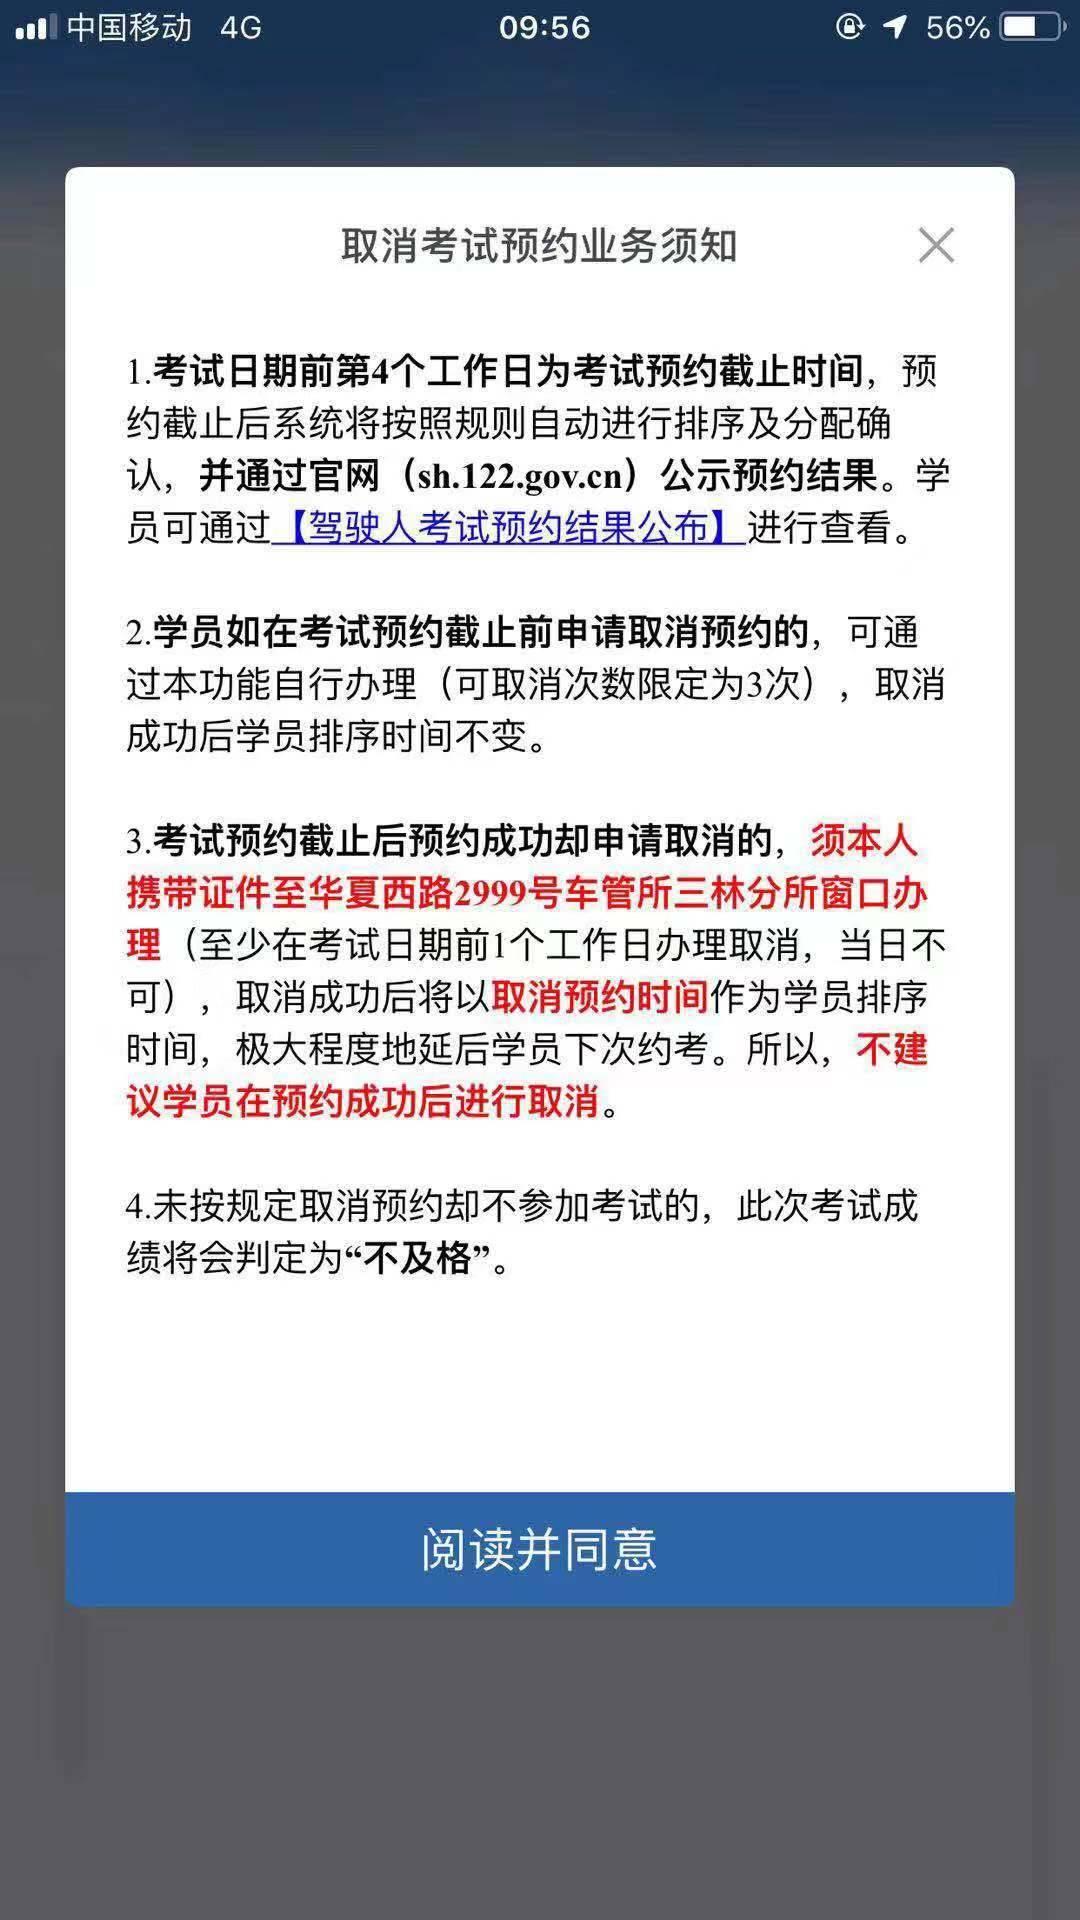 科目一二三四取消预约考试